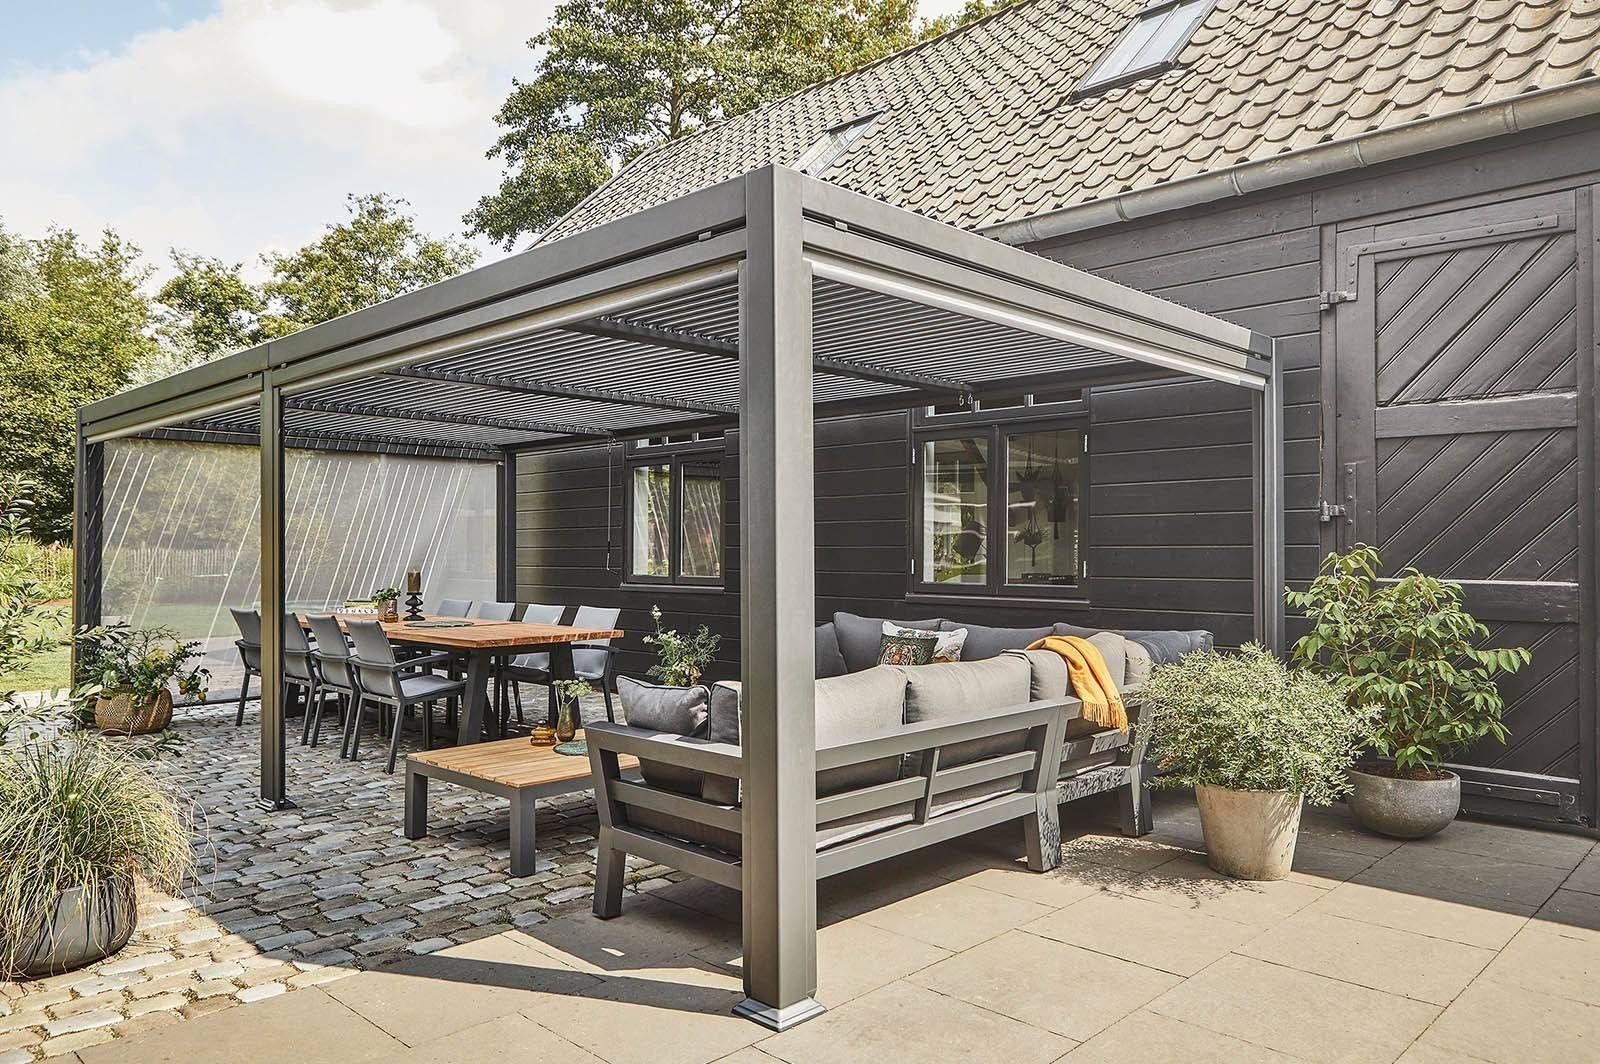 Zadaszenie Tarasowe Maranza 720cm Grey Sklep Internetowy Garden Space Pergola Gazebo Gazebo Pergola